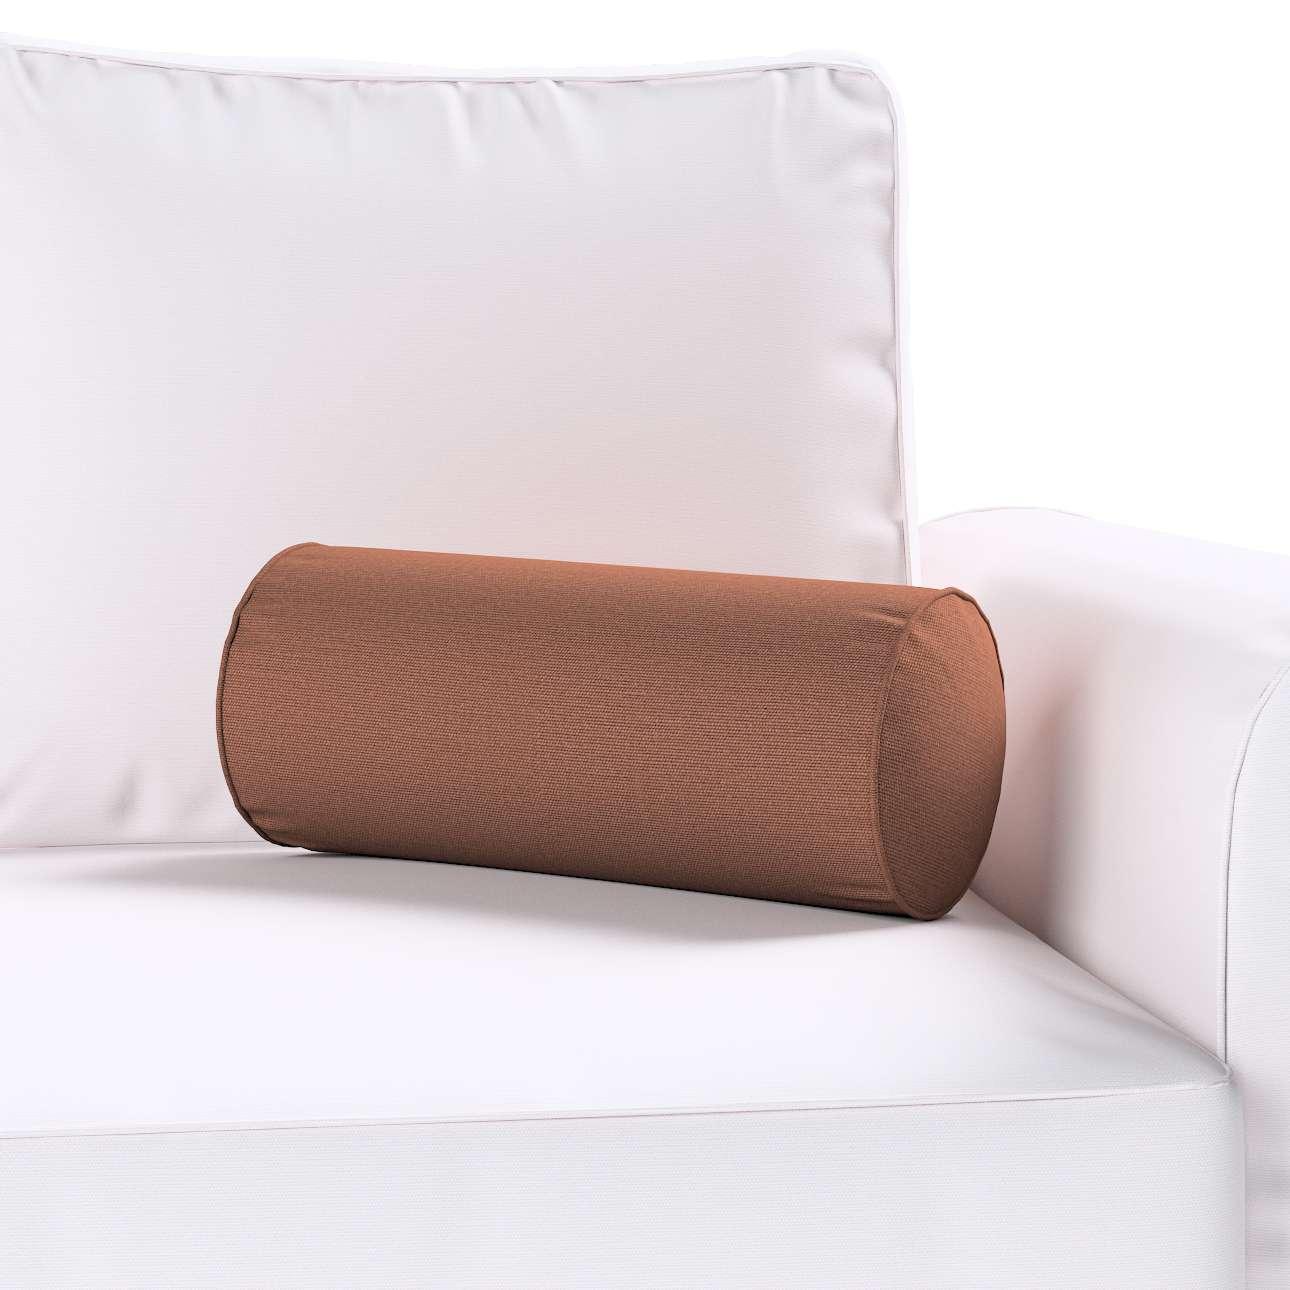 Poduszka wałek prosty Ø 16 x 40 cm w kolekcji Loneta, tkanina: 133-09